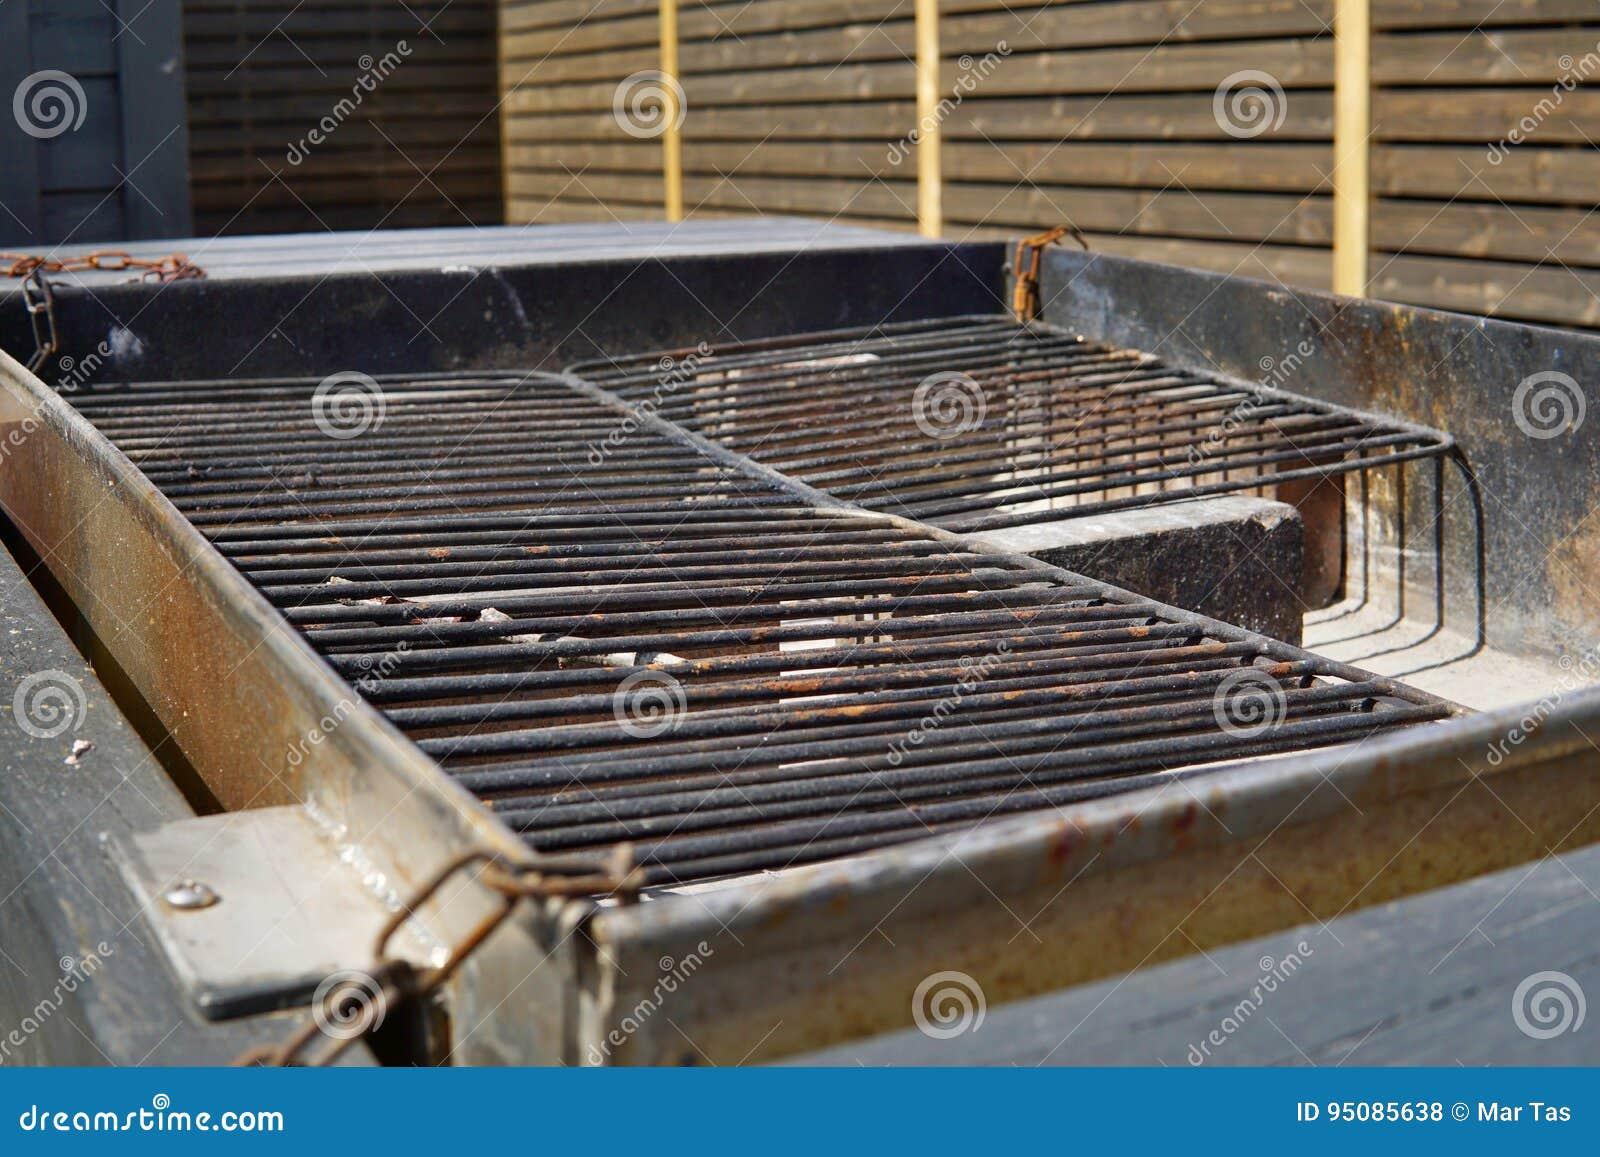 Vieja rejilla negra vac a de la parrilla lista para asar a - Parrillas para asar carne ...